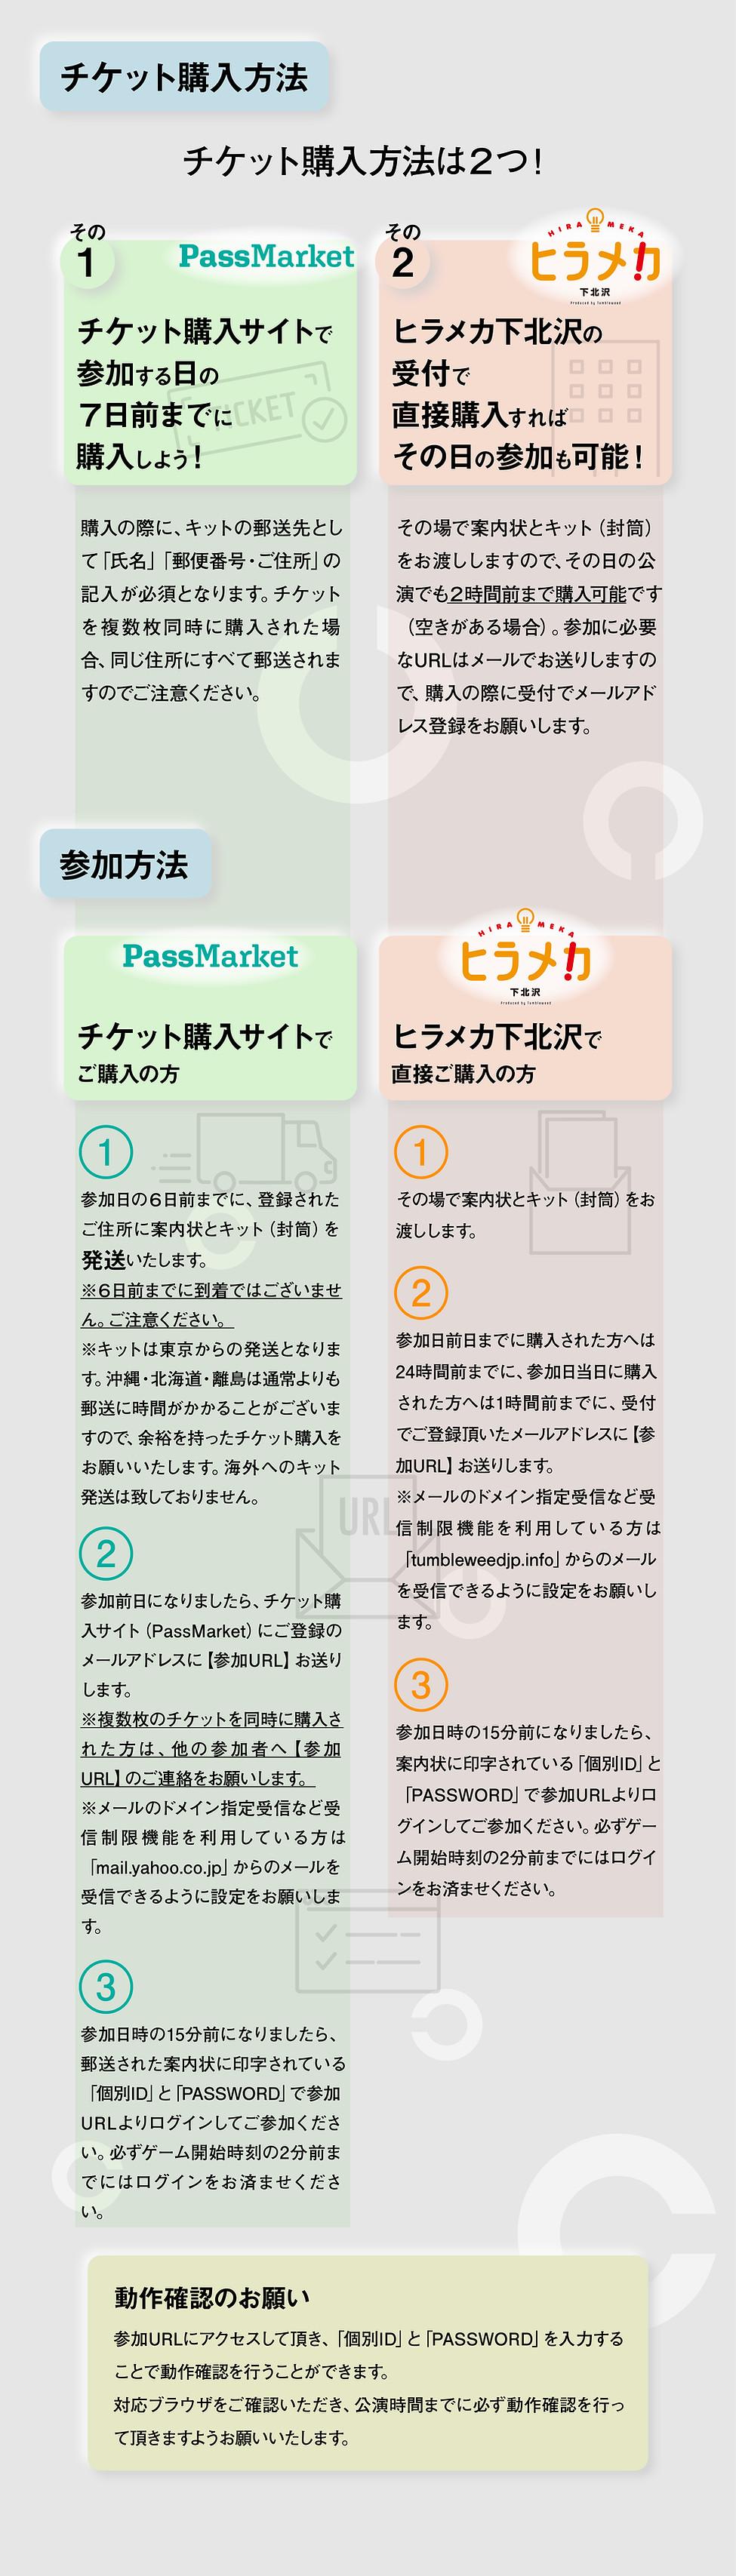 see_3.jpg